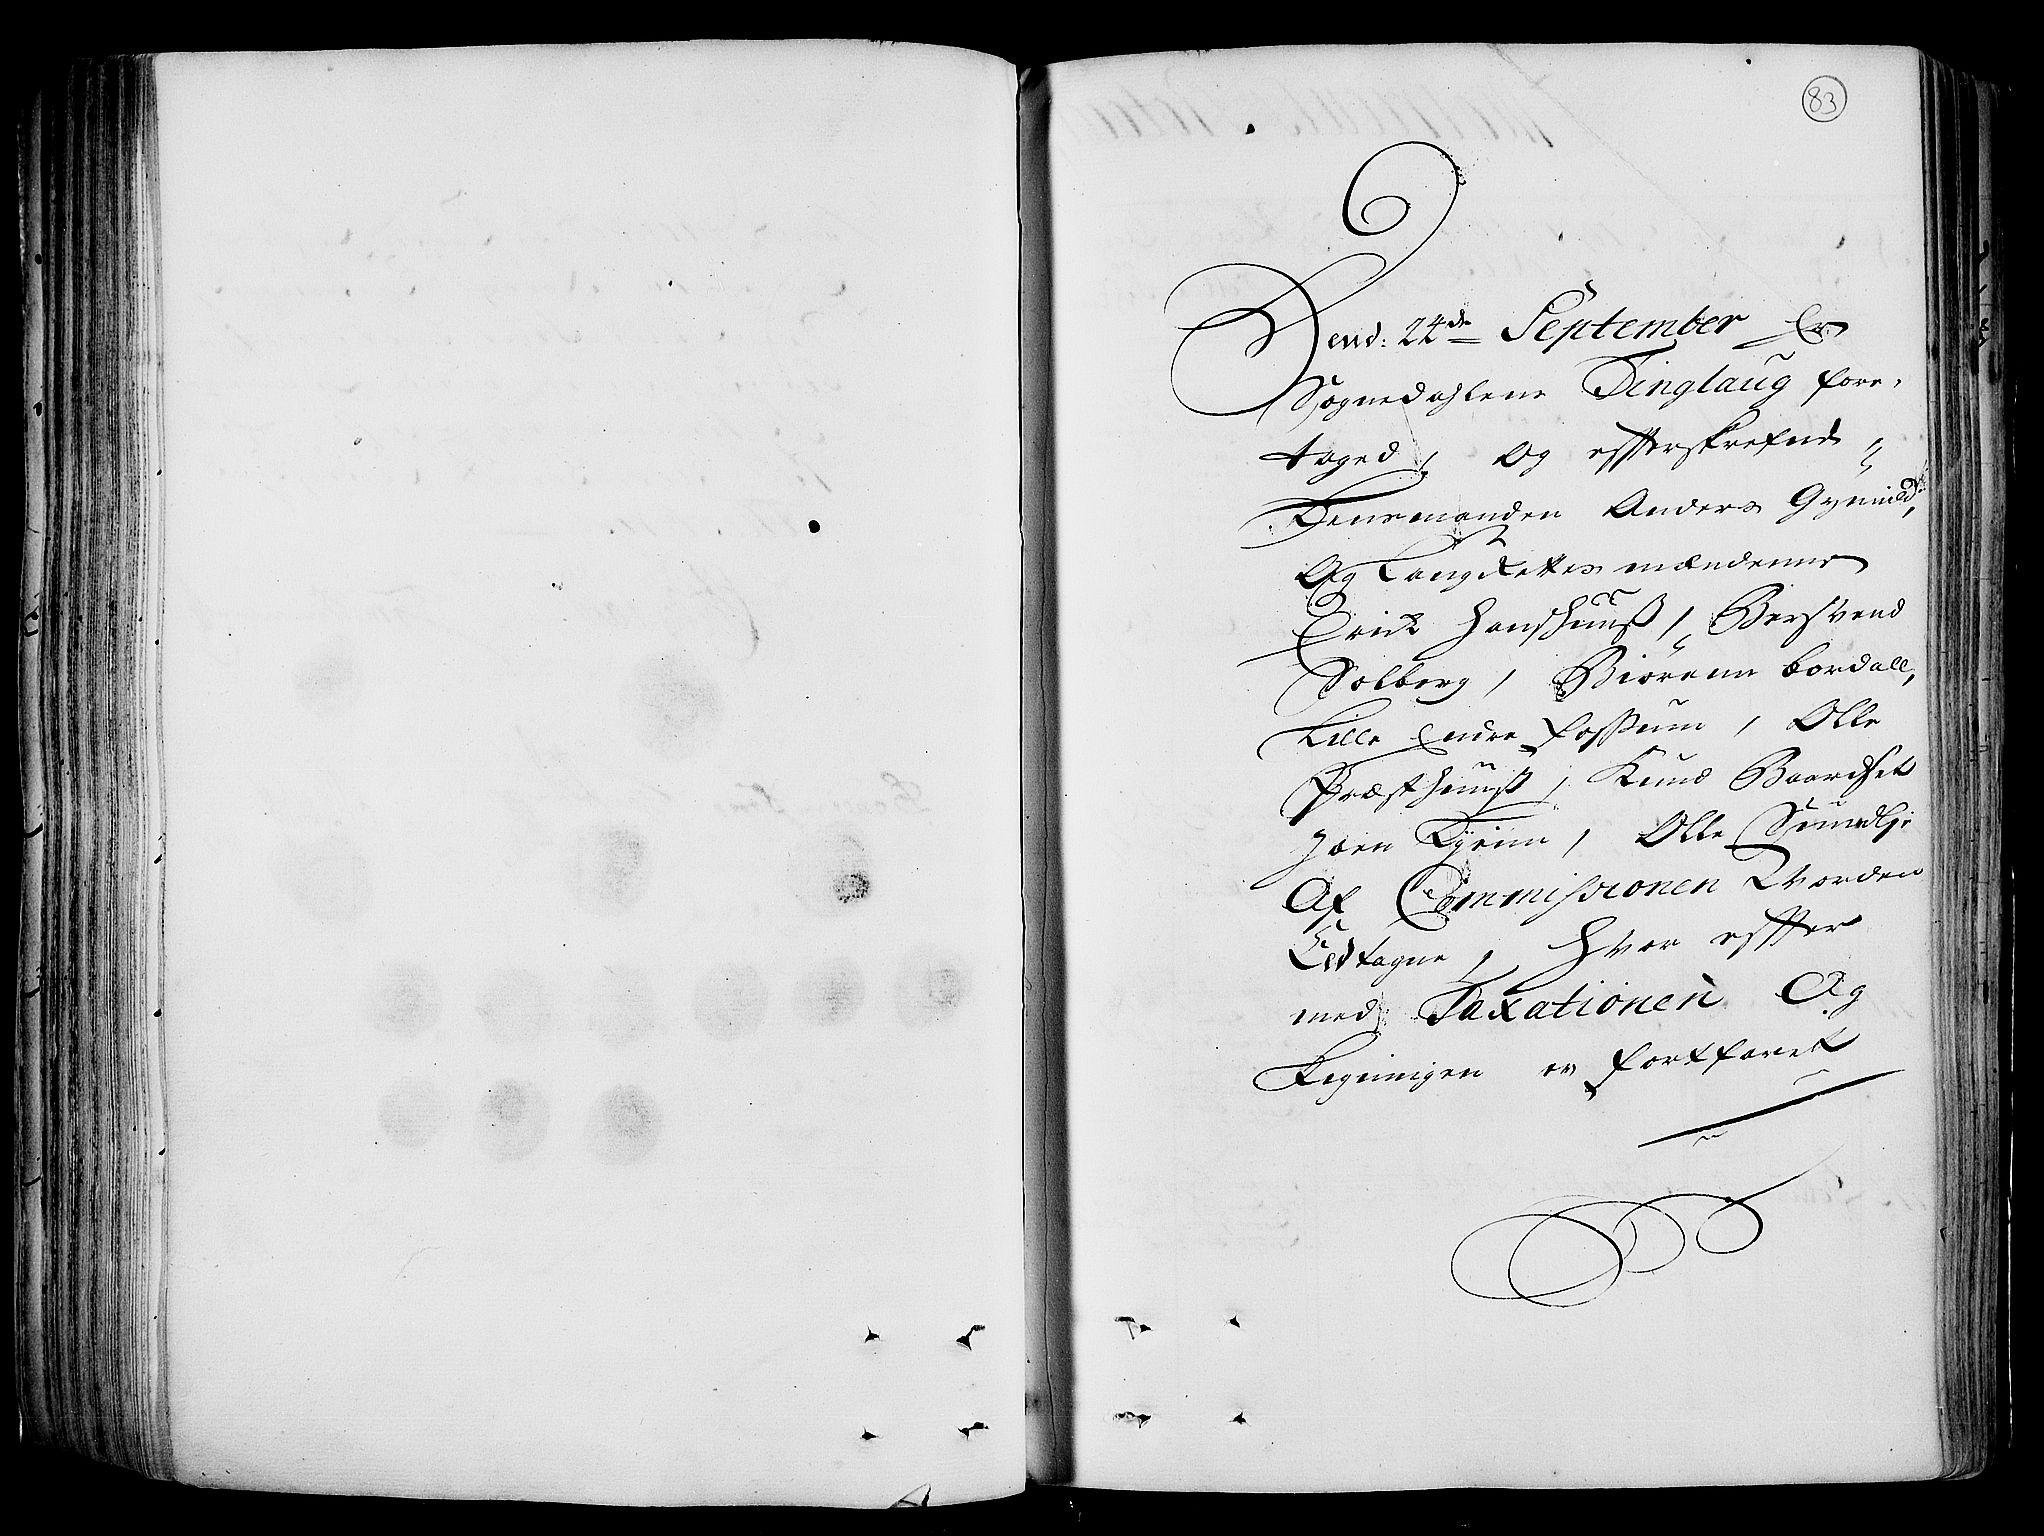 RA, Rentekammeret inntil 1814, Realistisk ordnet avdeling, N/Nb/Nbf/L0158: Gauldal eksaminasjonsprotokoll, 1723, s. 82b-83a